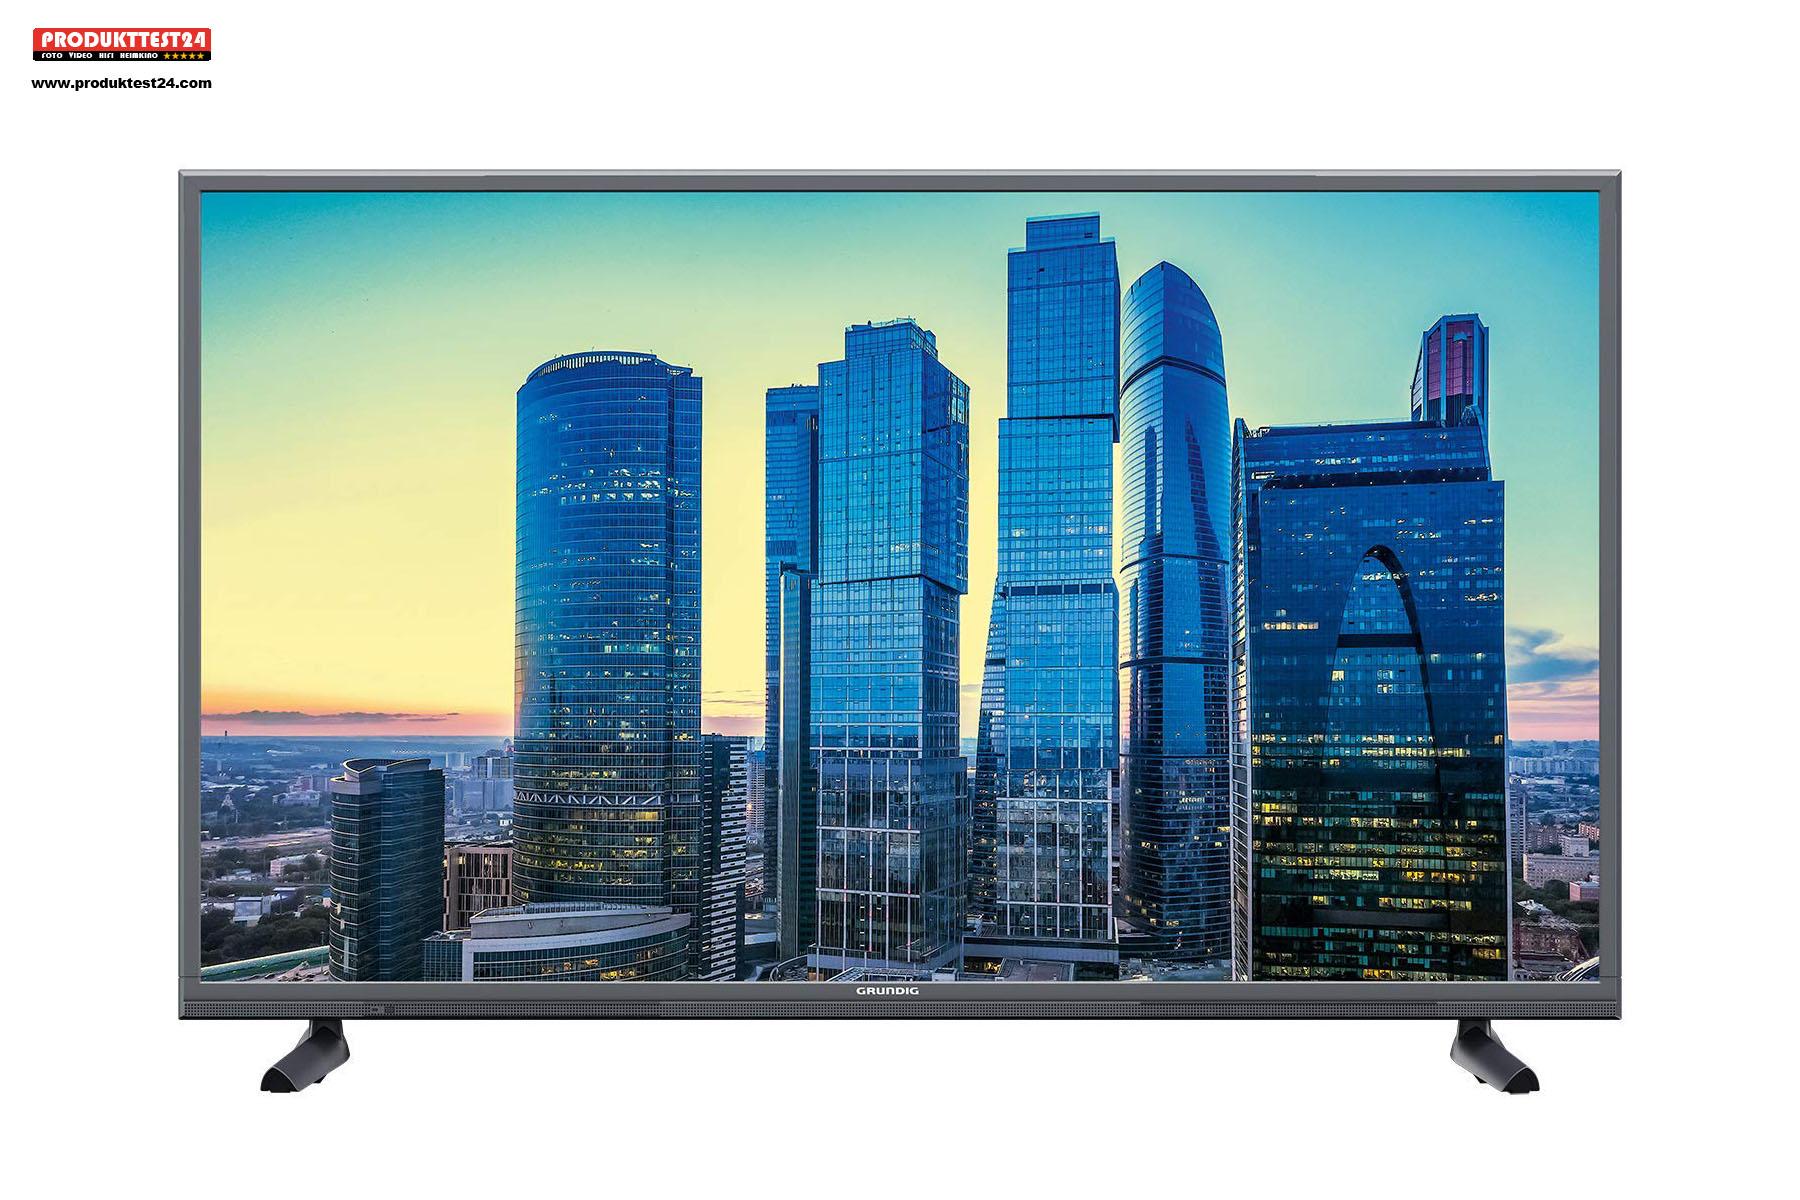 Grundig 49 GUB 8960 Ultra HD Fernseher